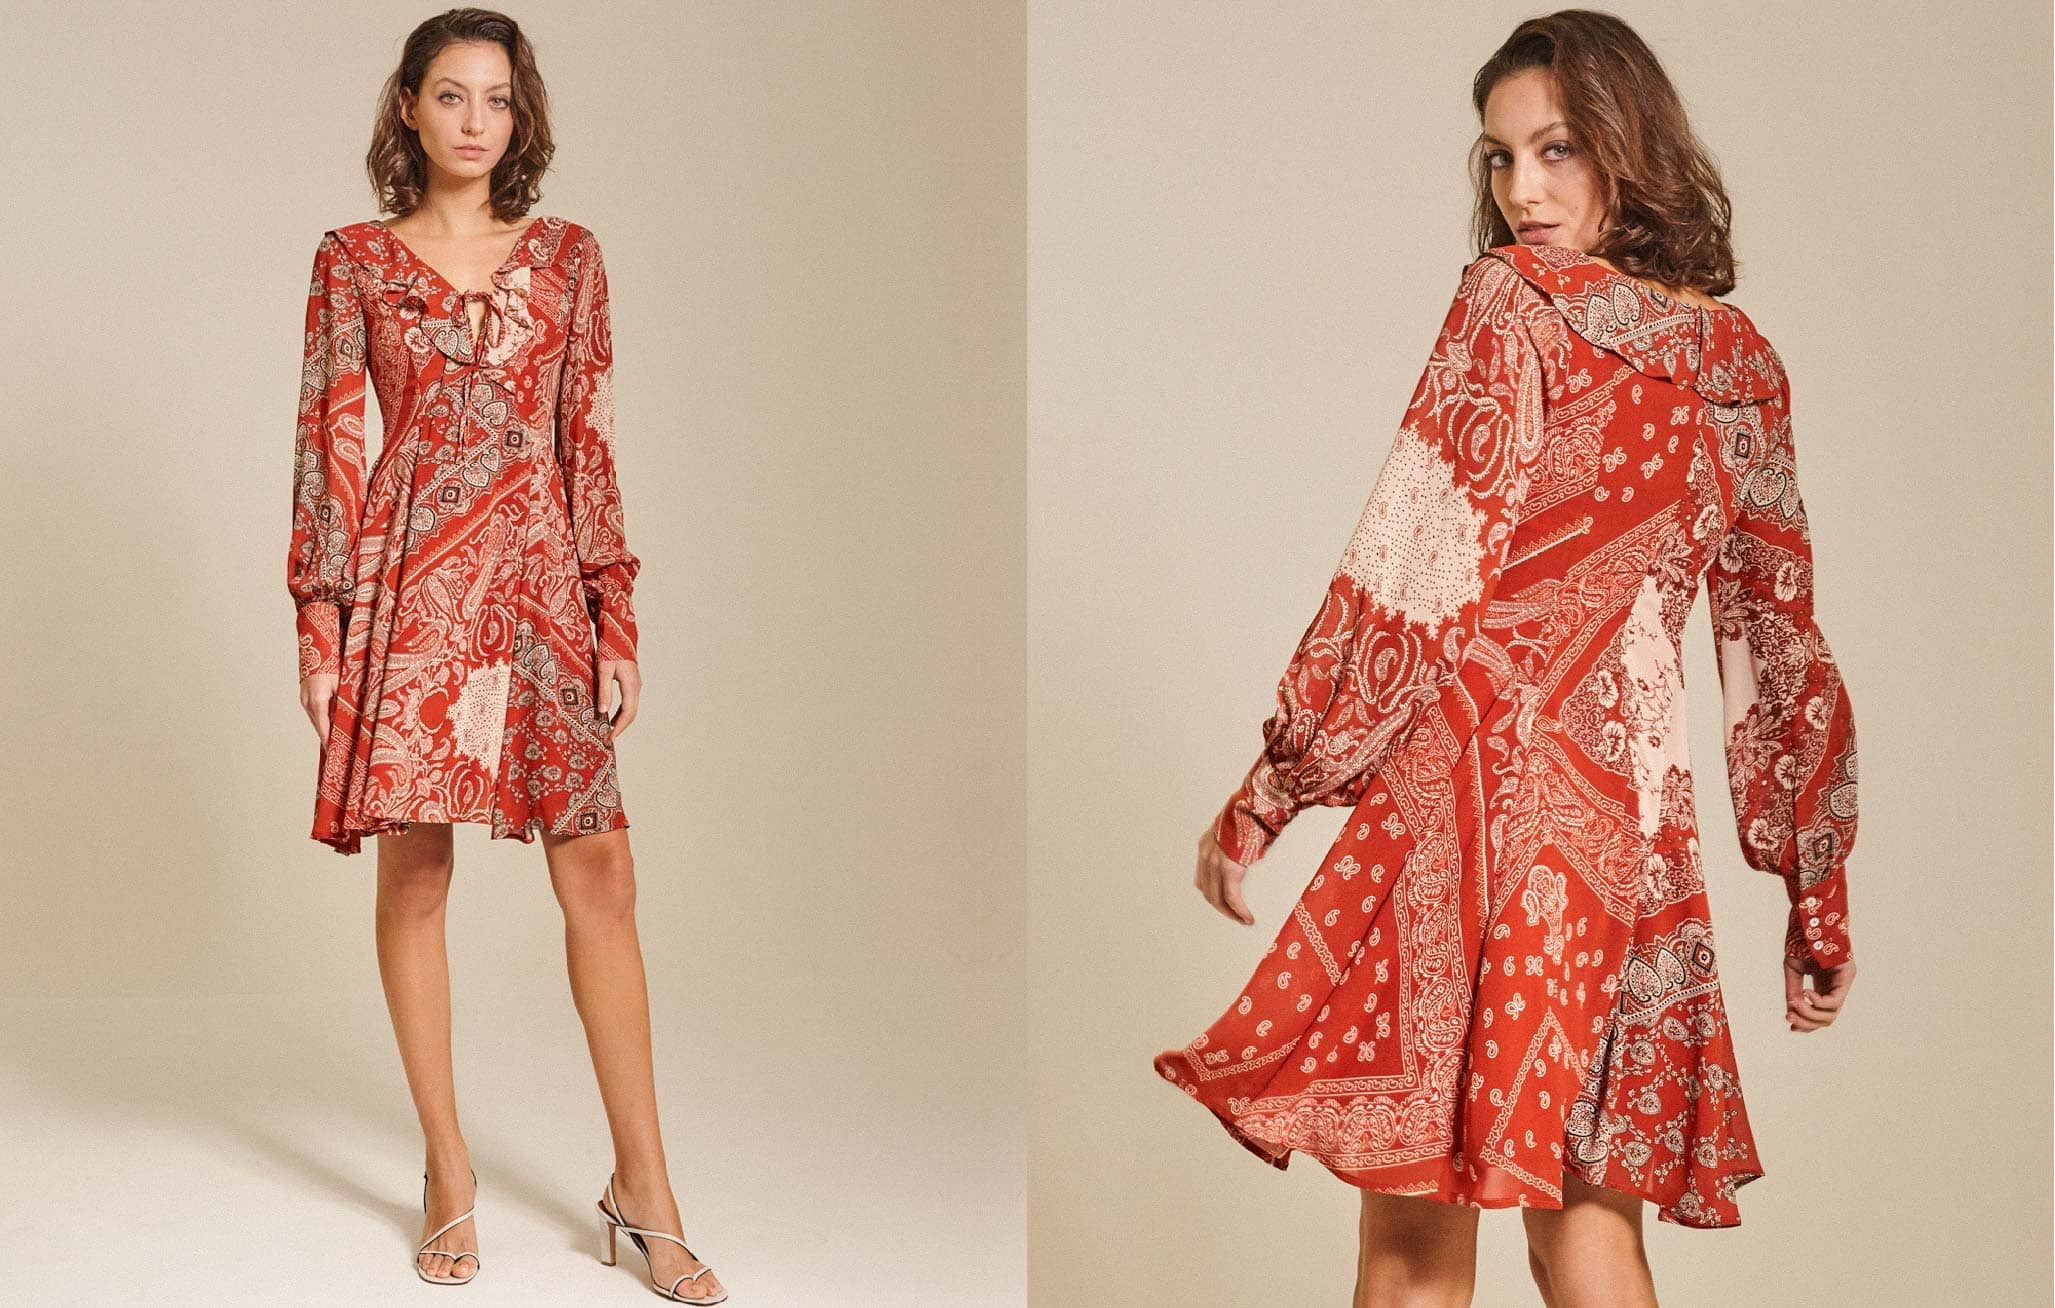 Ruffled Print Chiffon Dress